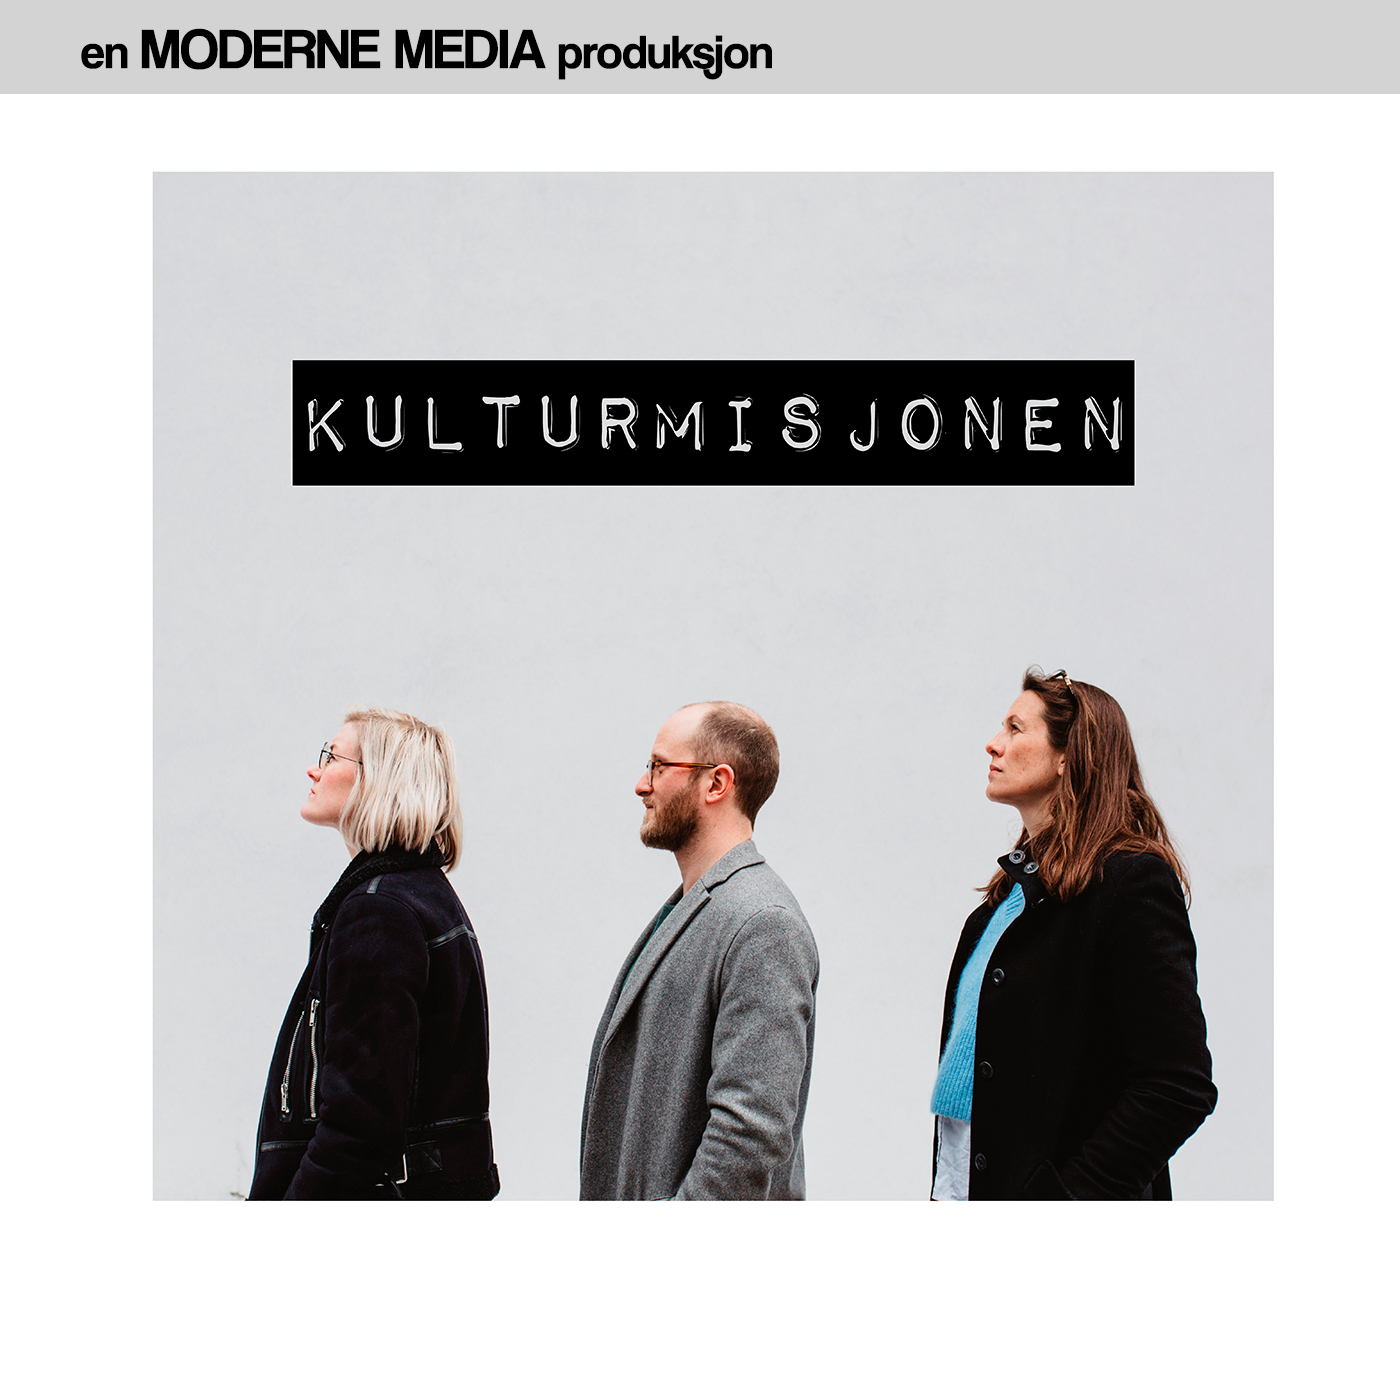 Kulturmisjonen cover 2.jpg